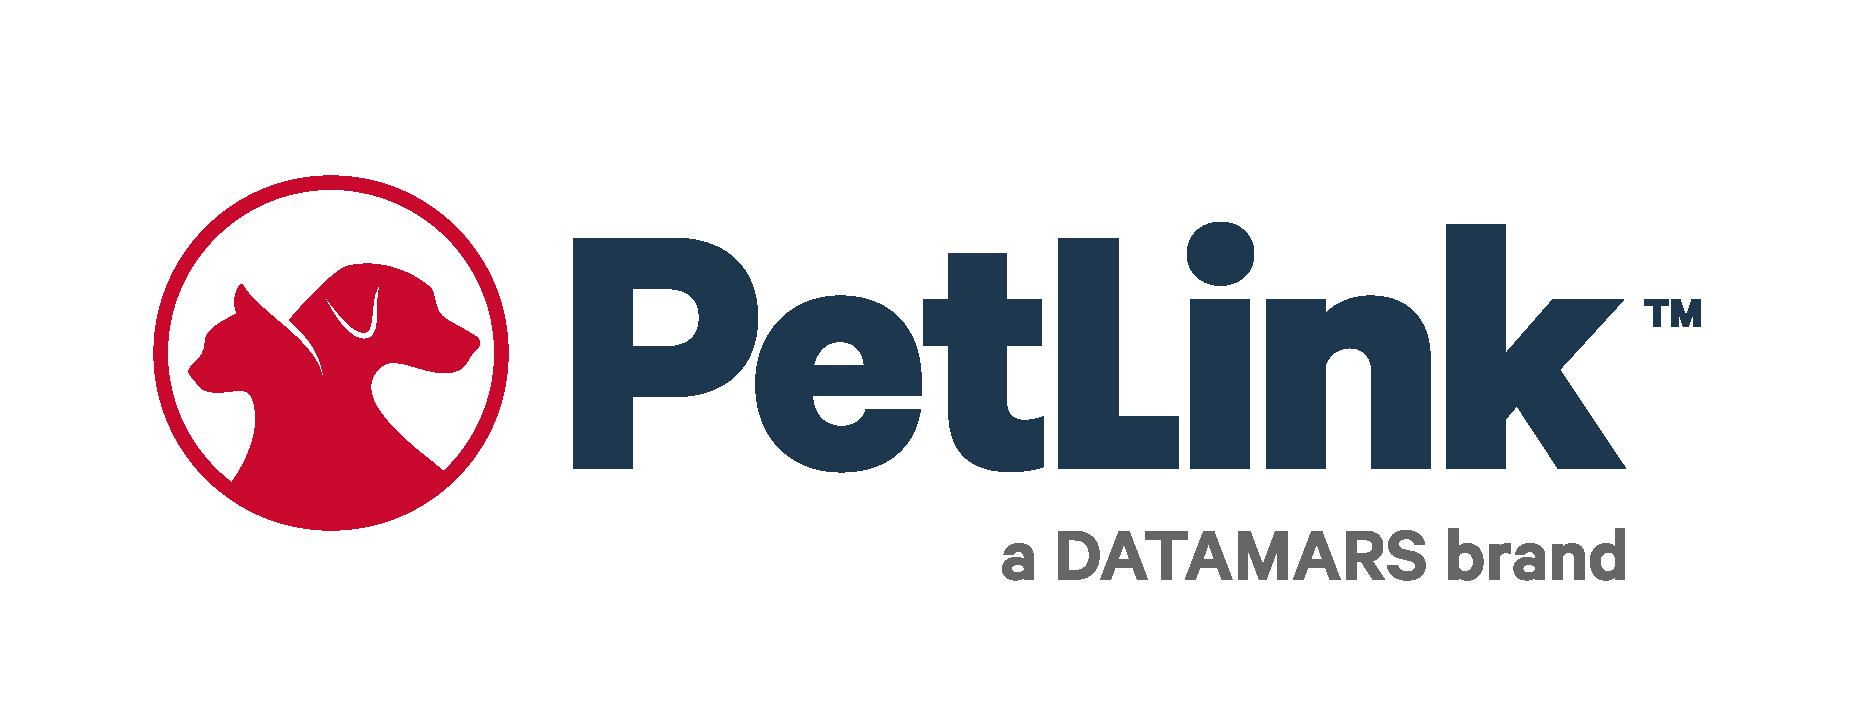 petlink-logo